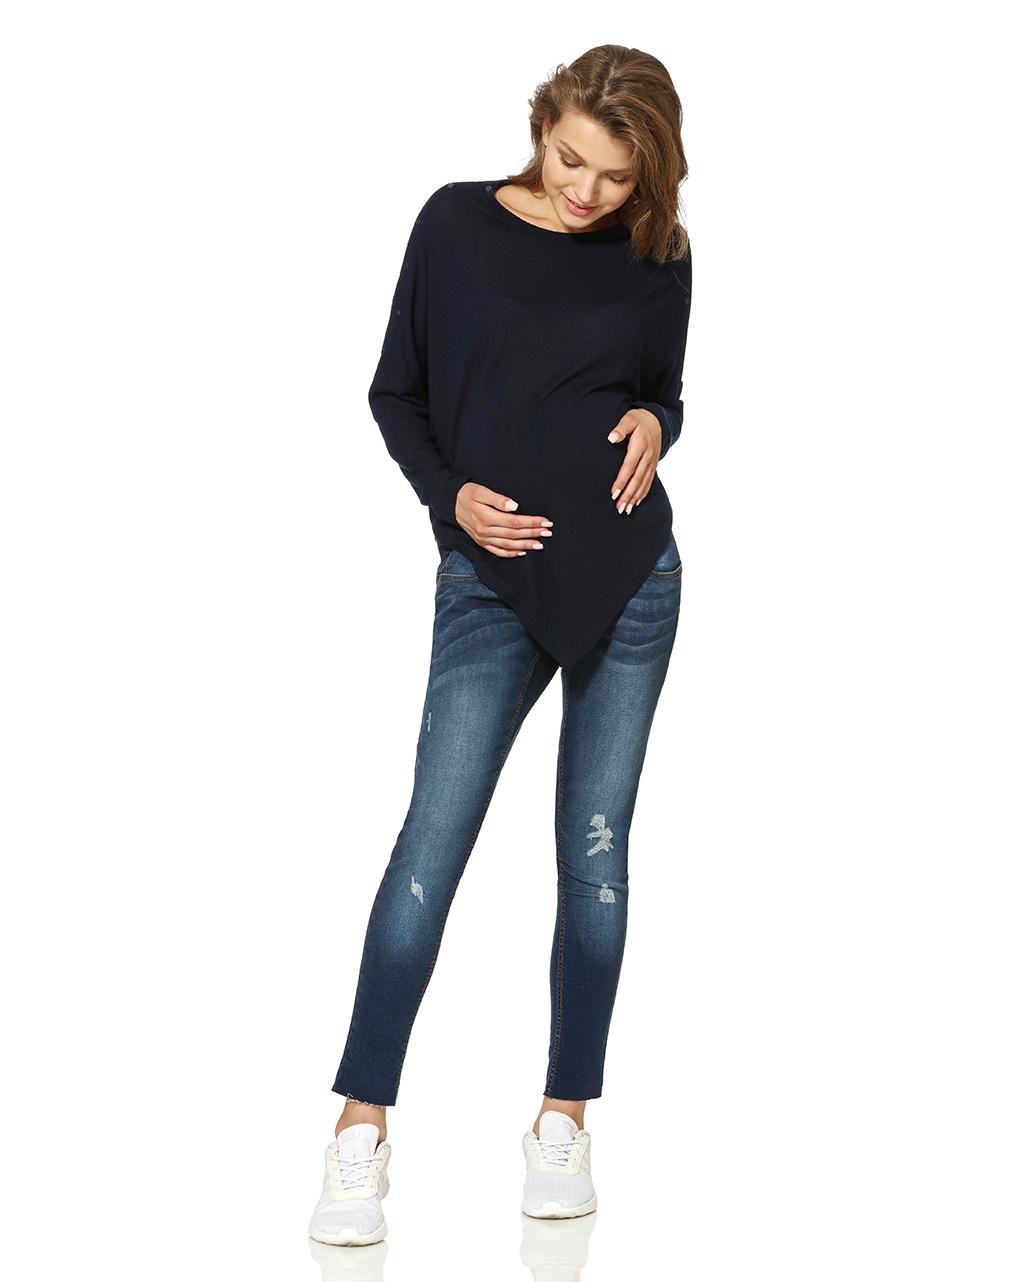 Γυναικεία Μπλούζα-Πόντσο Θηλασμού Μπλε